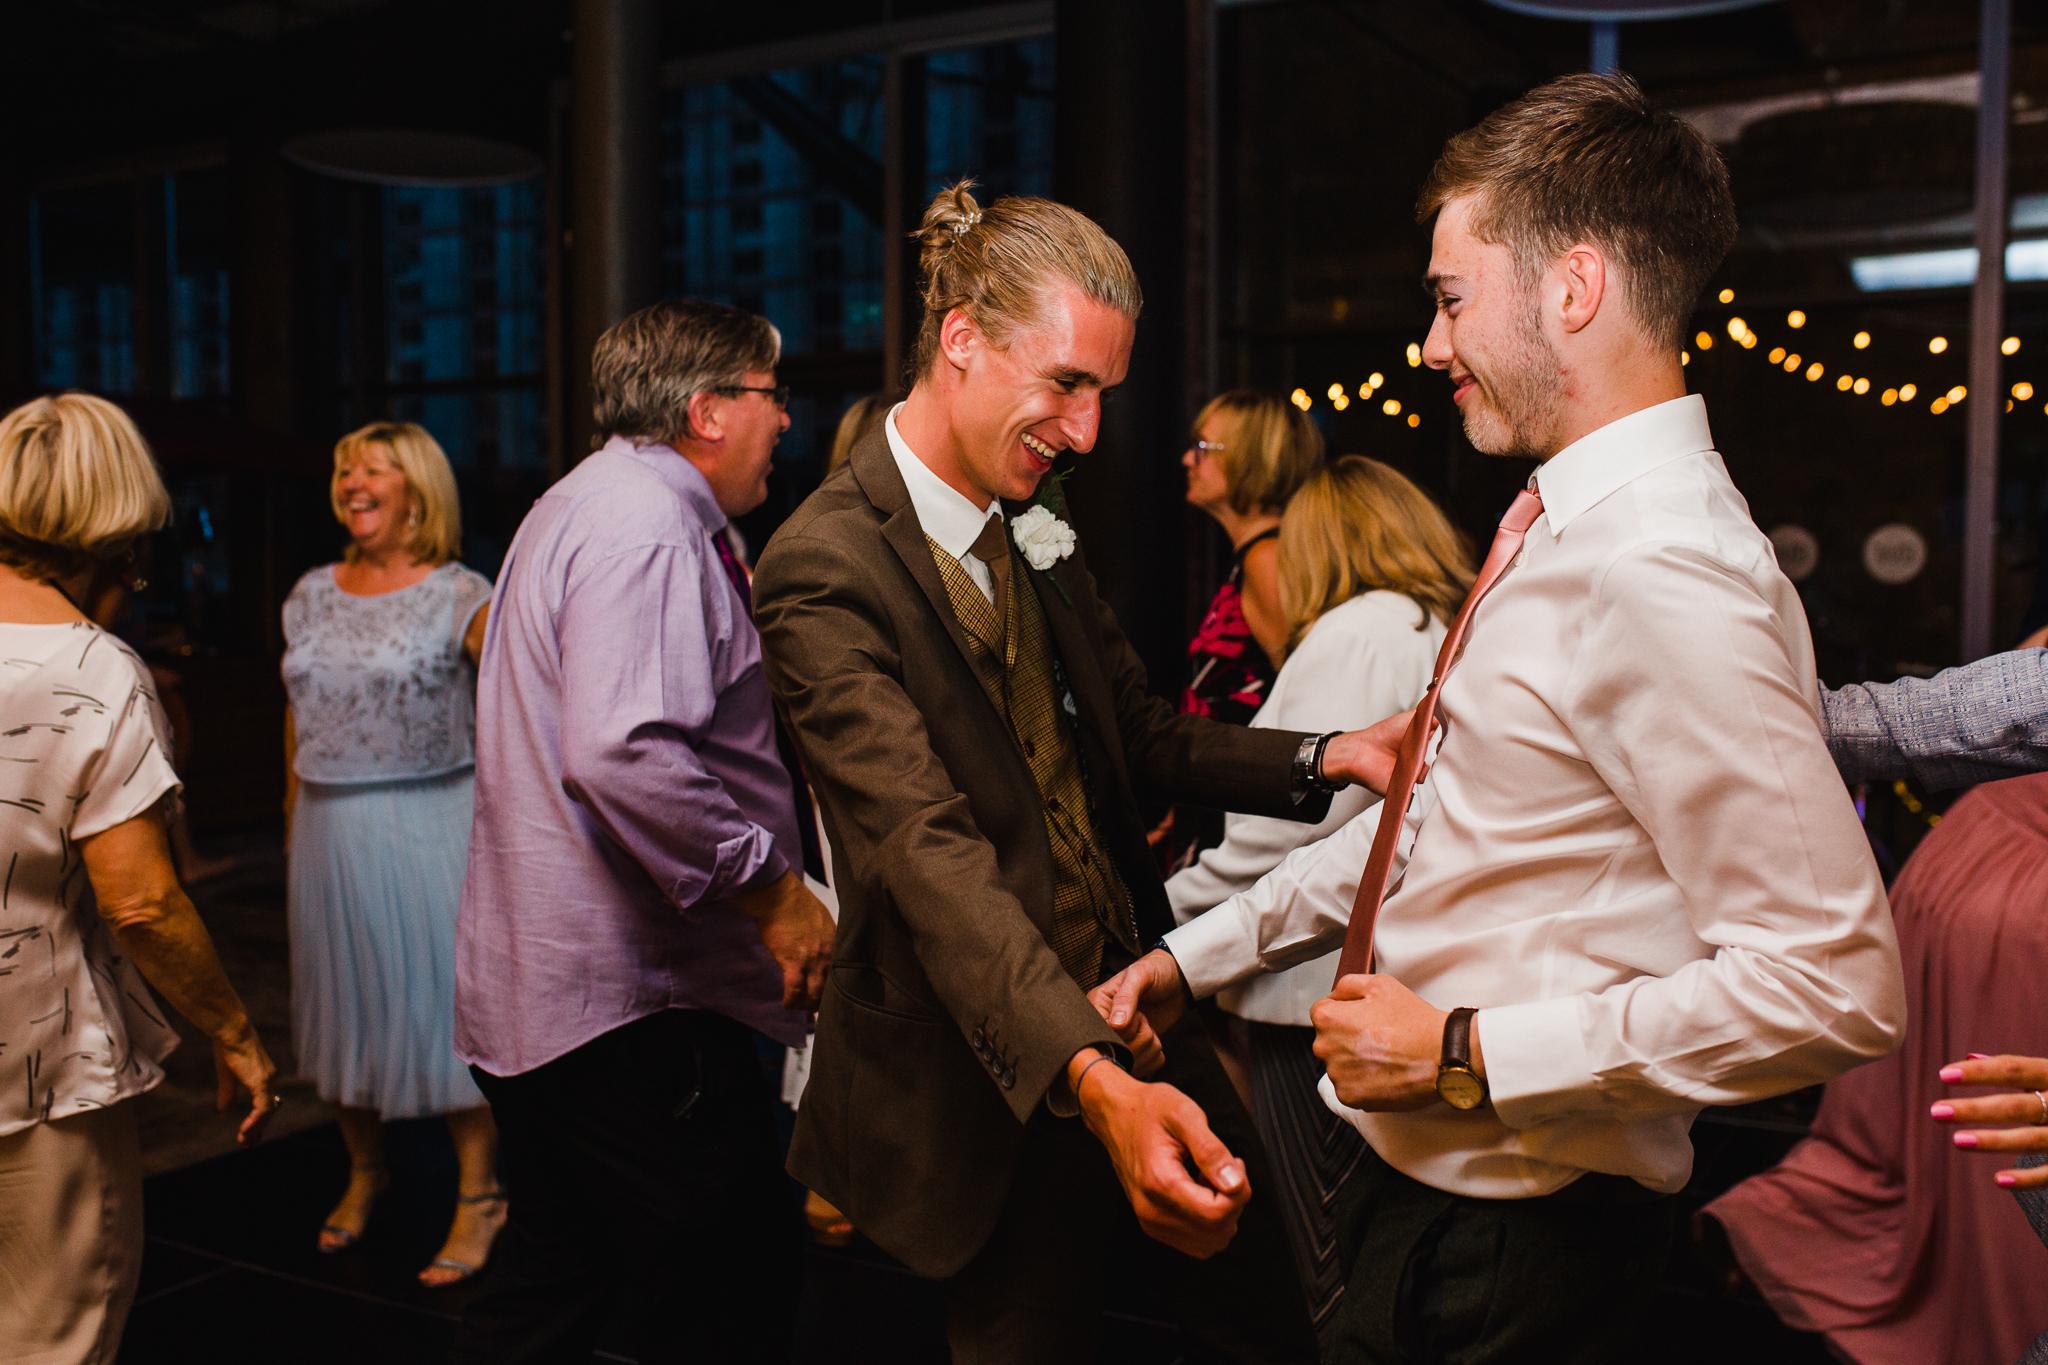 Jess and Ben - Liverpool wedding - groom dancing